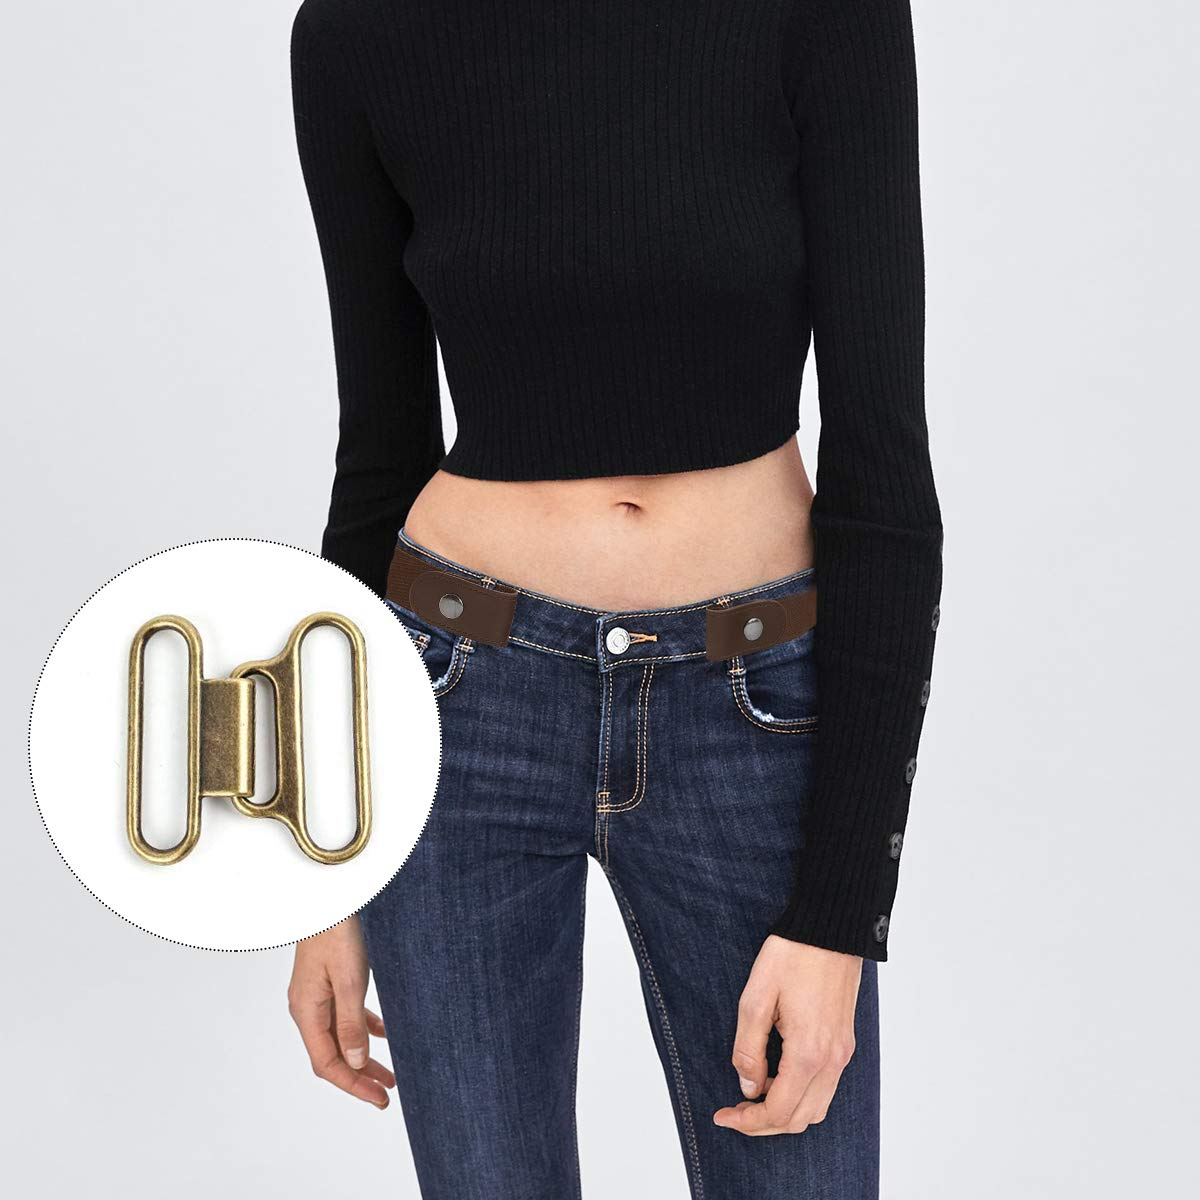 ... Pantalon Jeans Ceinture élastique sans boucle confortable Ceintures  taille. Agrandir l image 02ba0a028a2